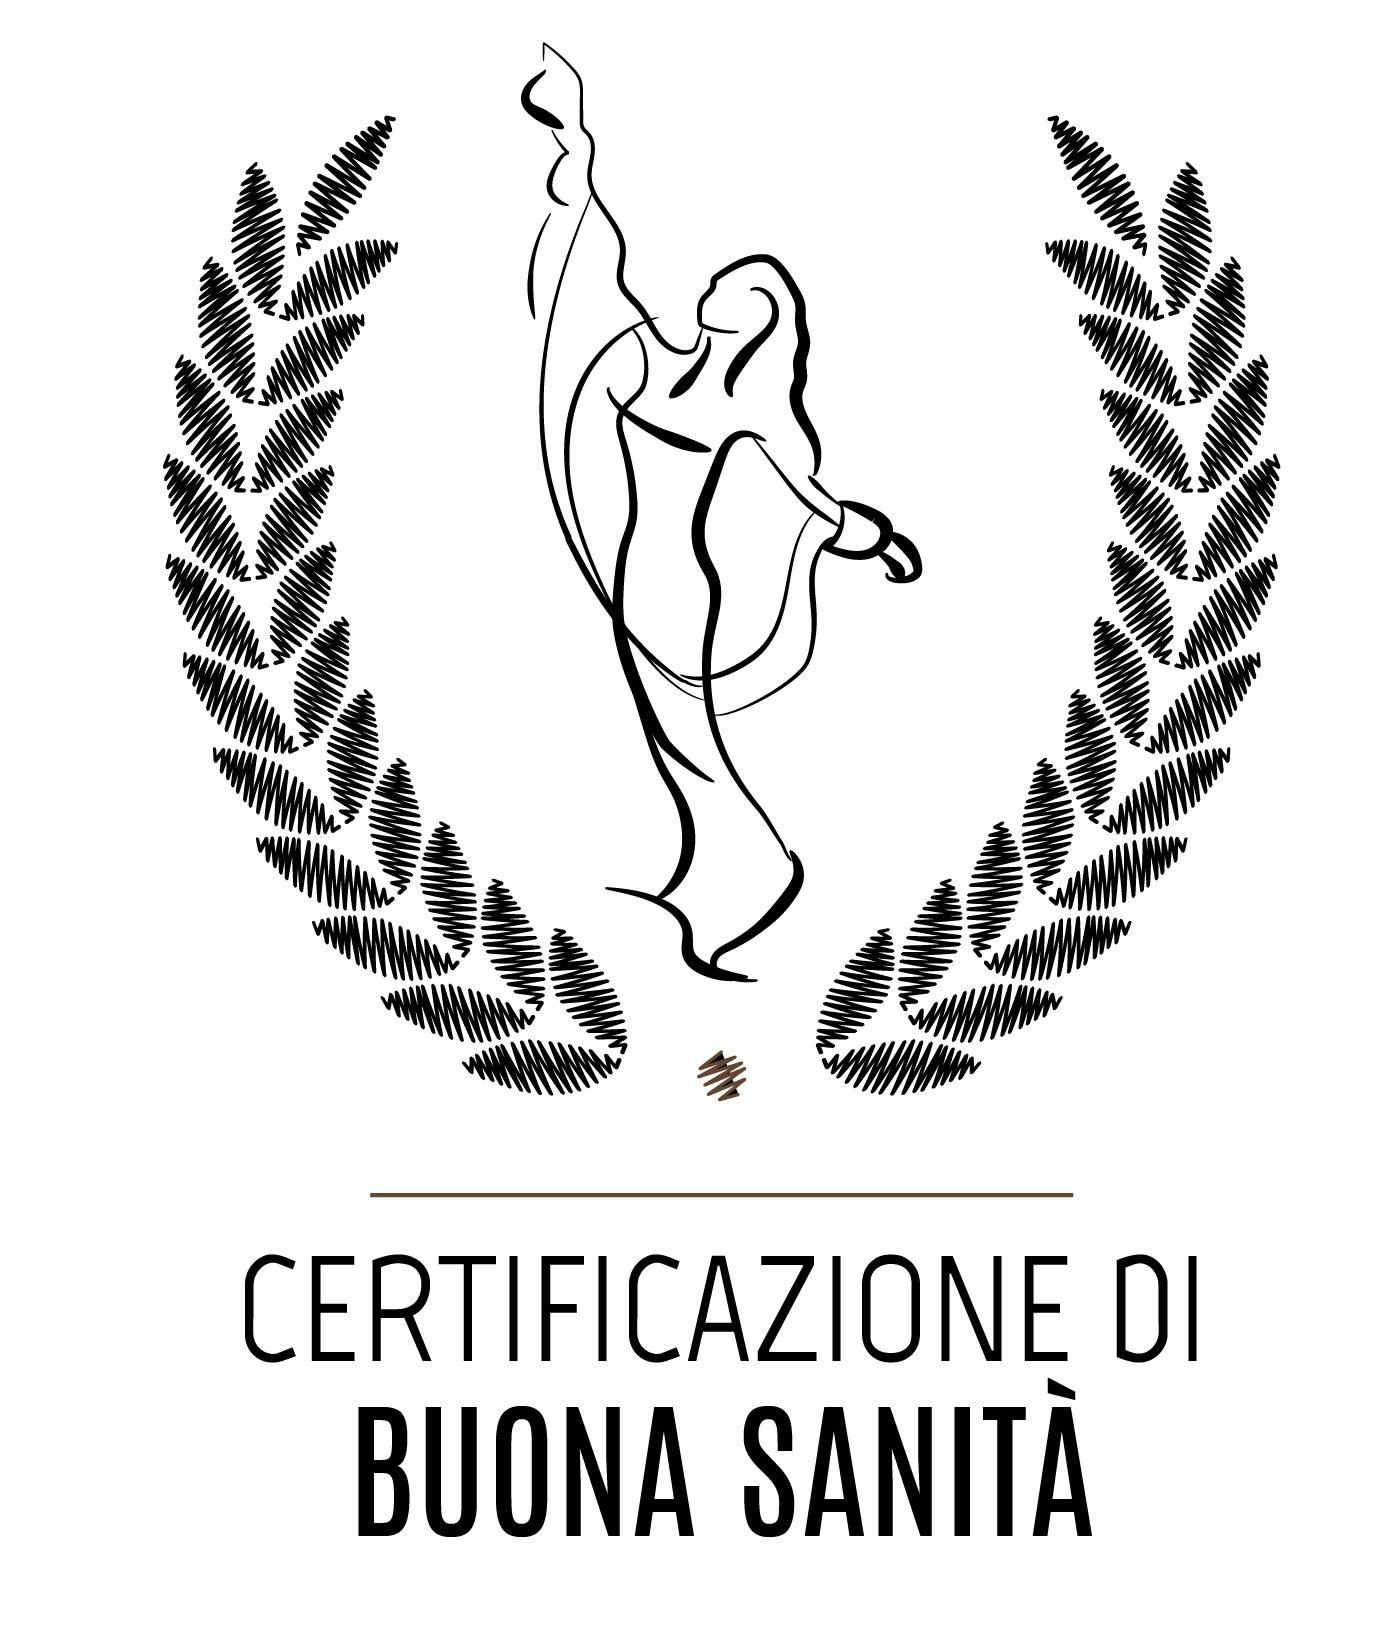 certificazione-di-buona-sanita-logo